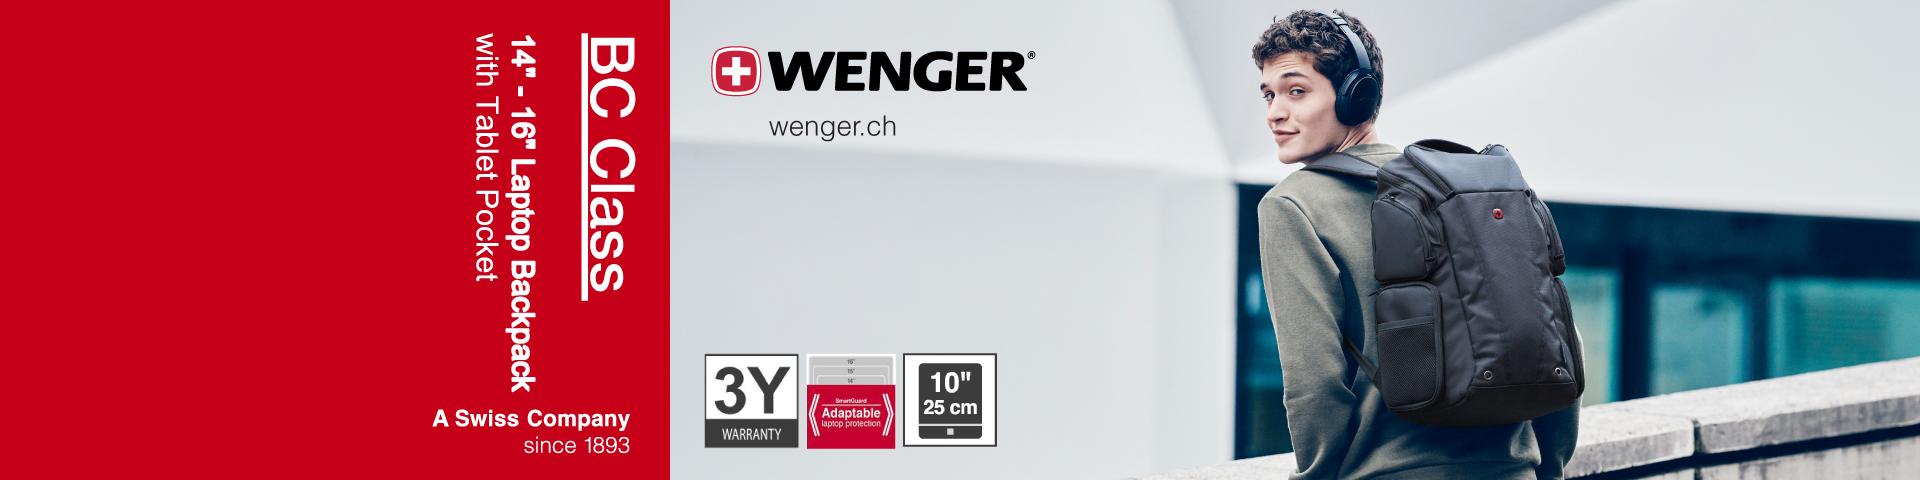 Vali Wenger